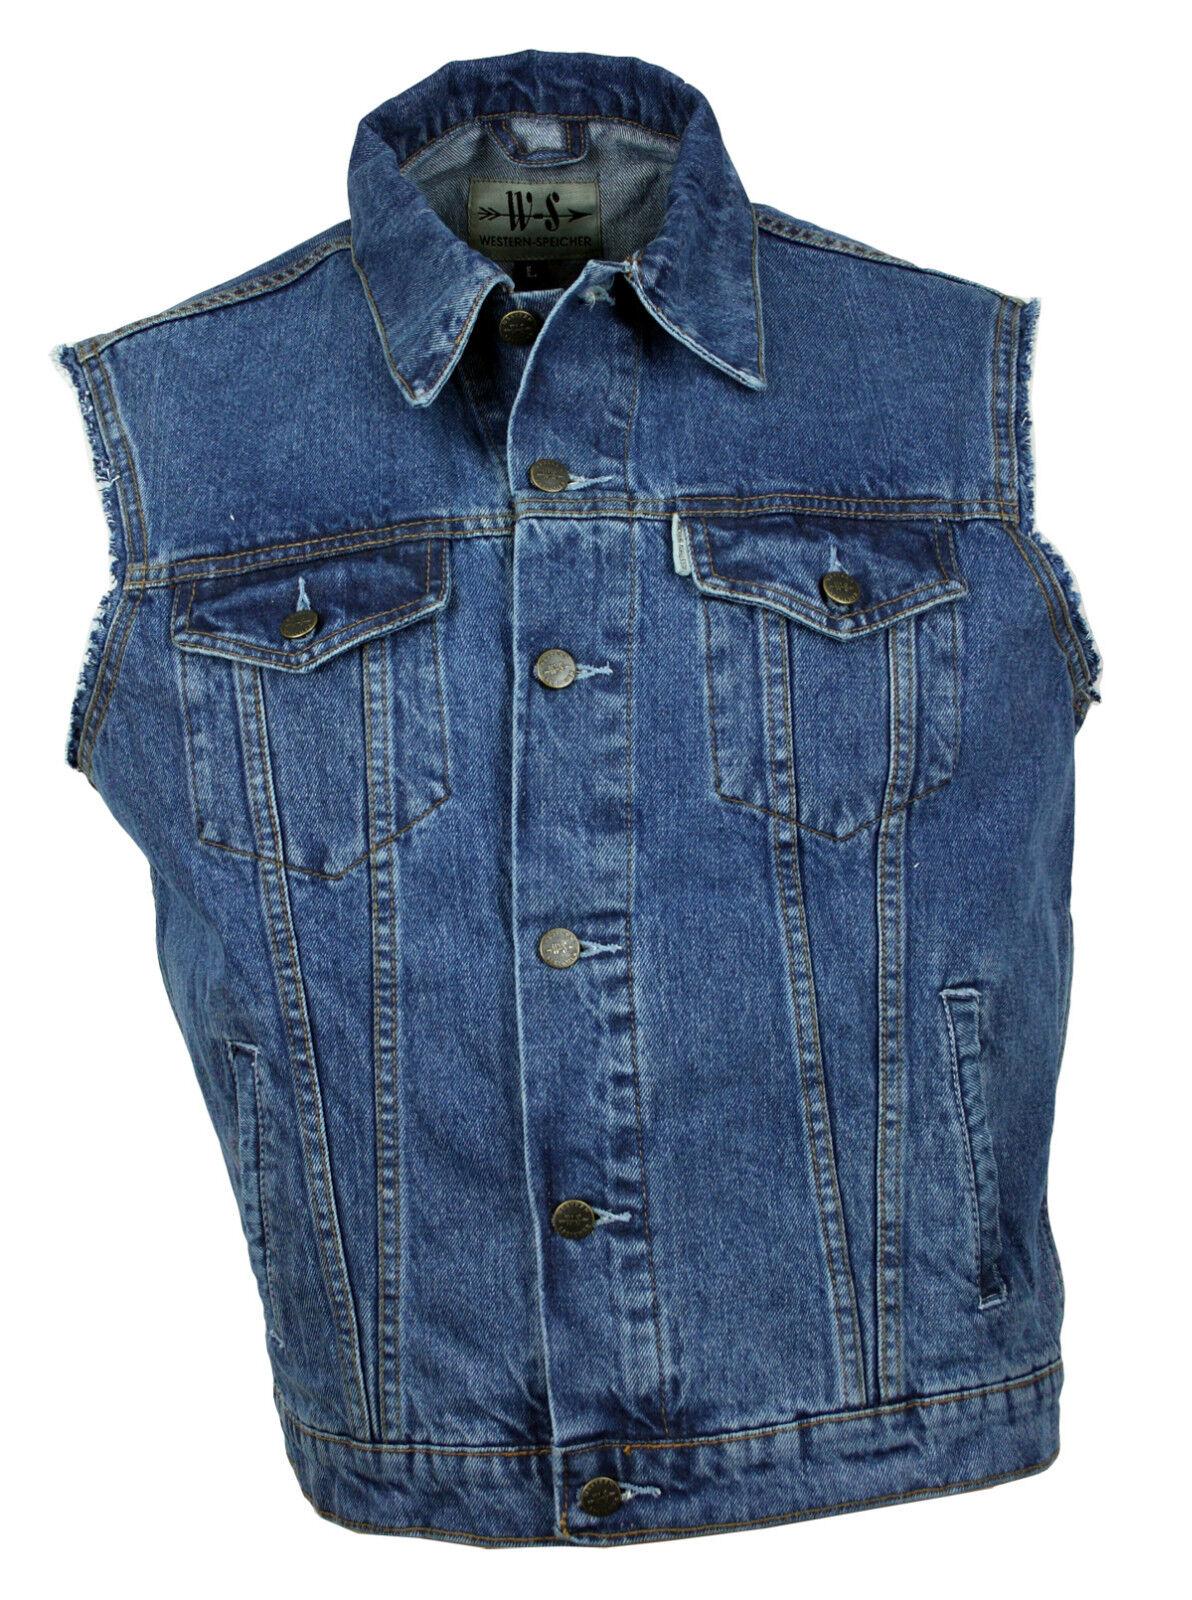 WESTERN-SPEICHER Jeansweste stonewash Kutte Weste Baumwolle Fransen blue  Gr S